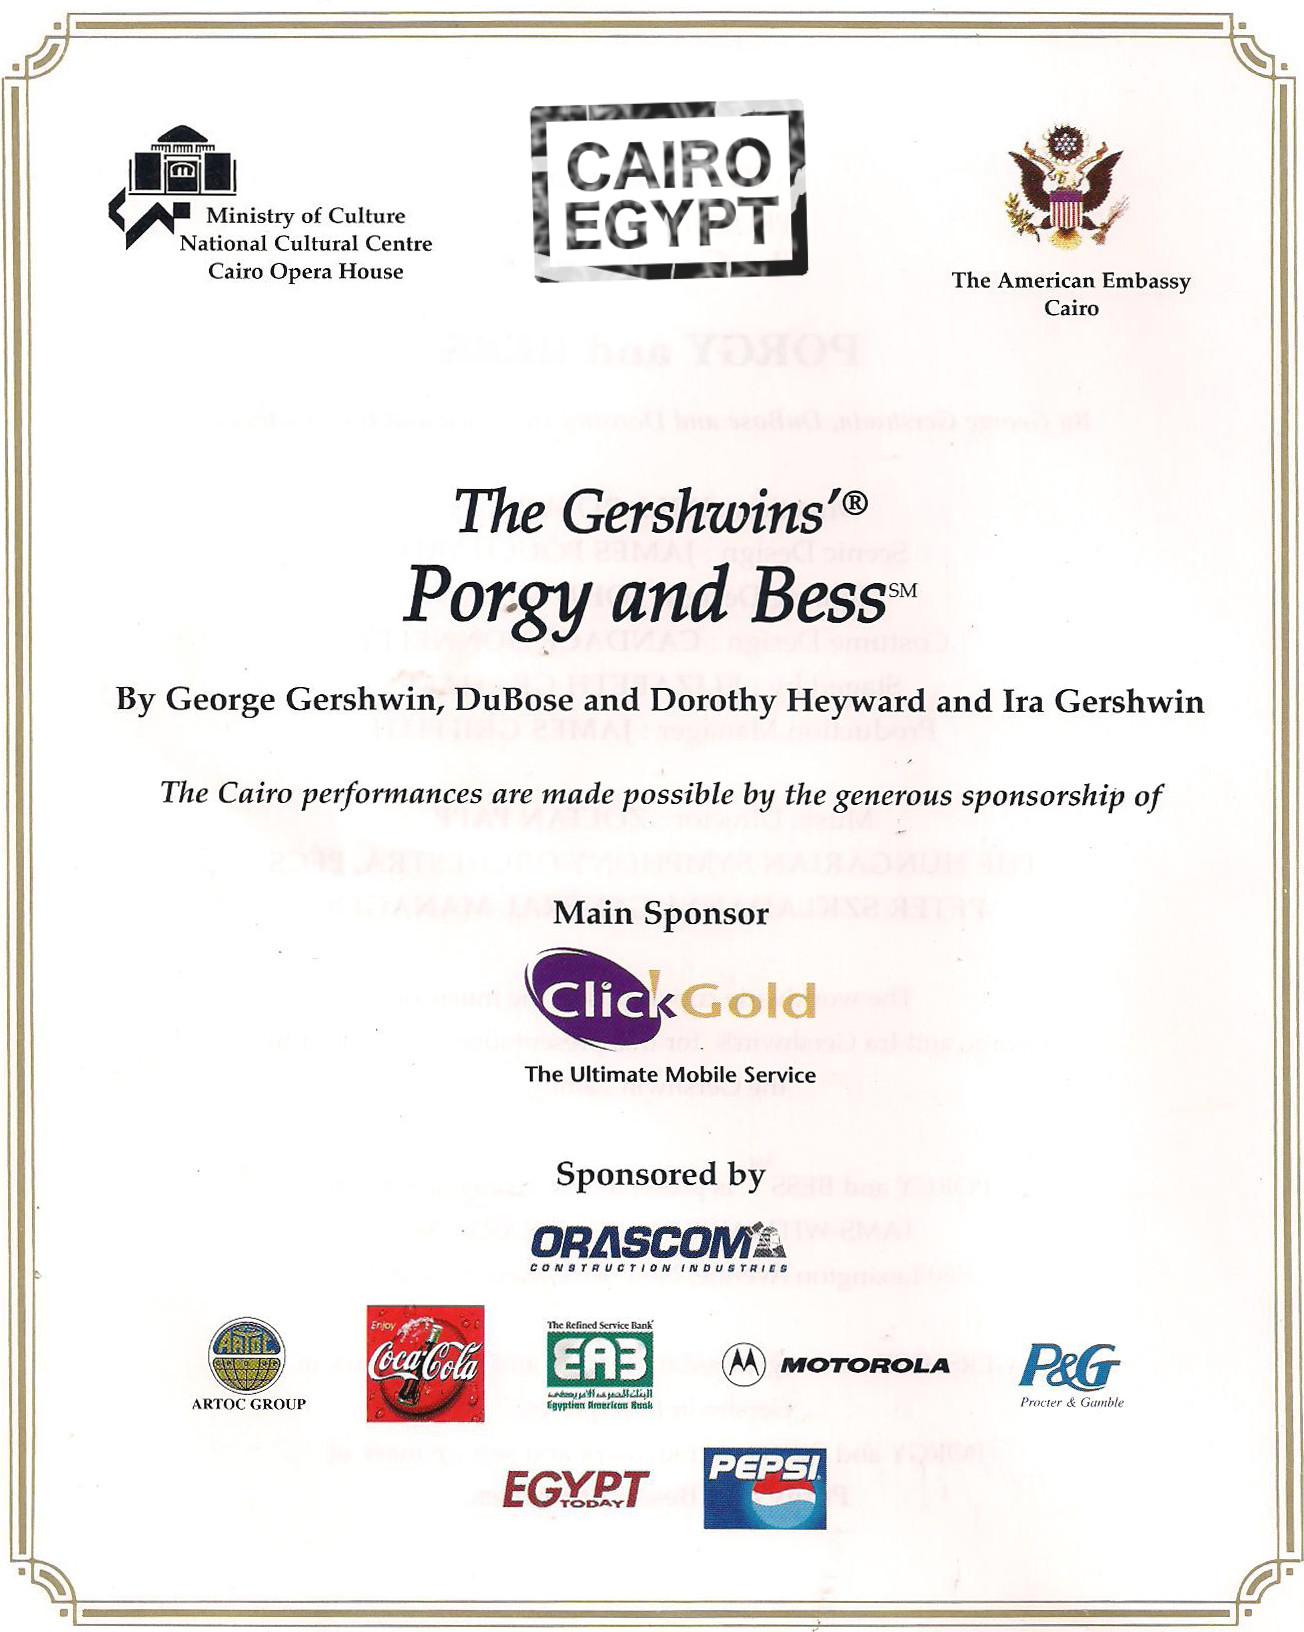 Porgy and Bess  CAIRO, EGYPT ver 3.JPG